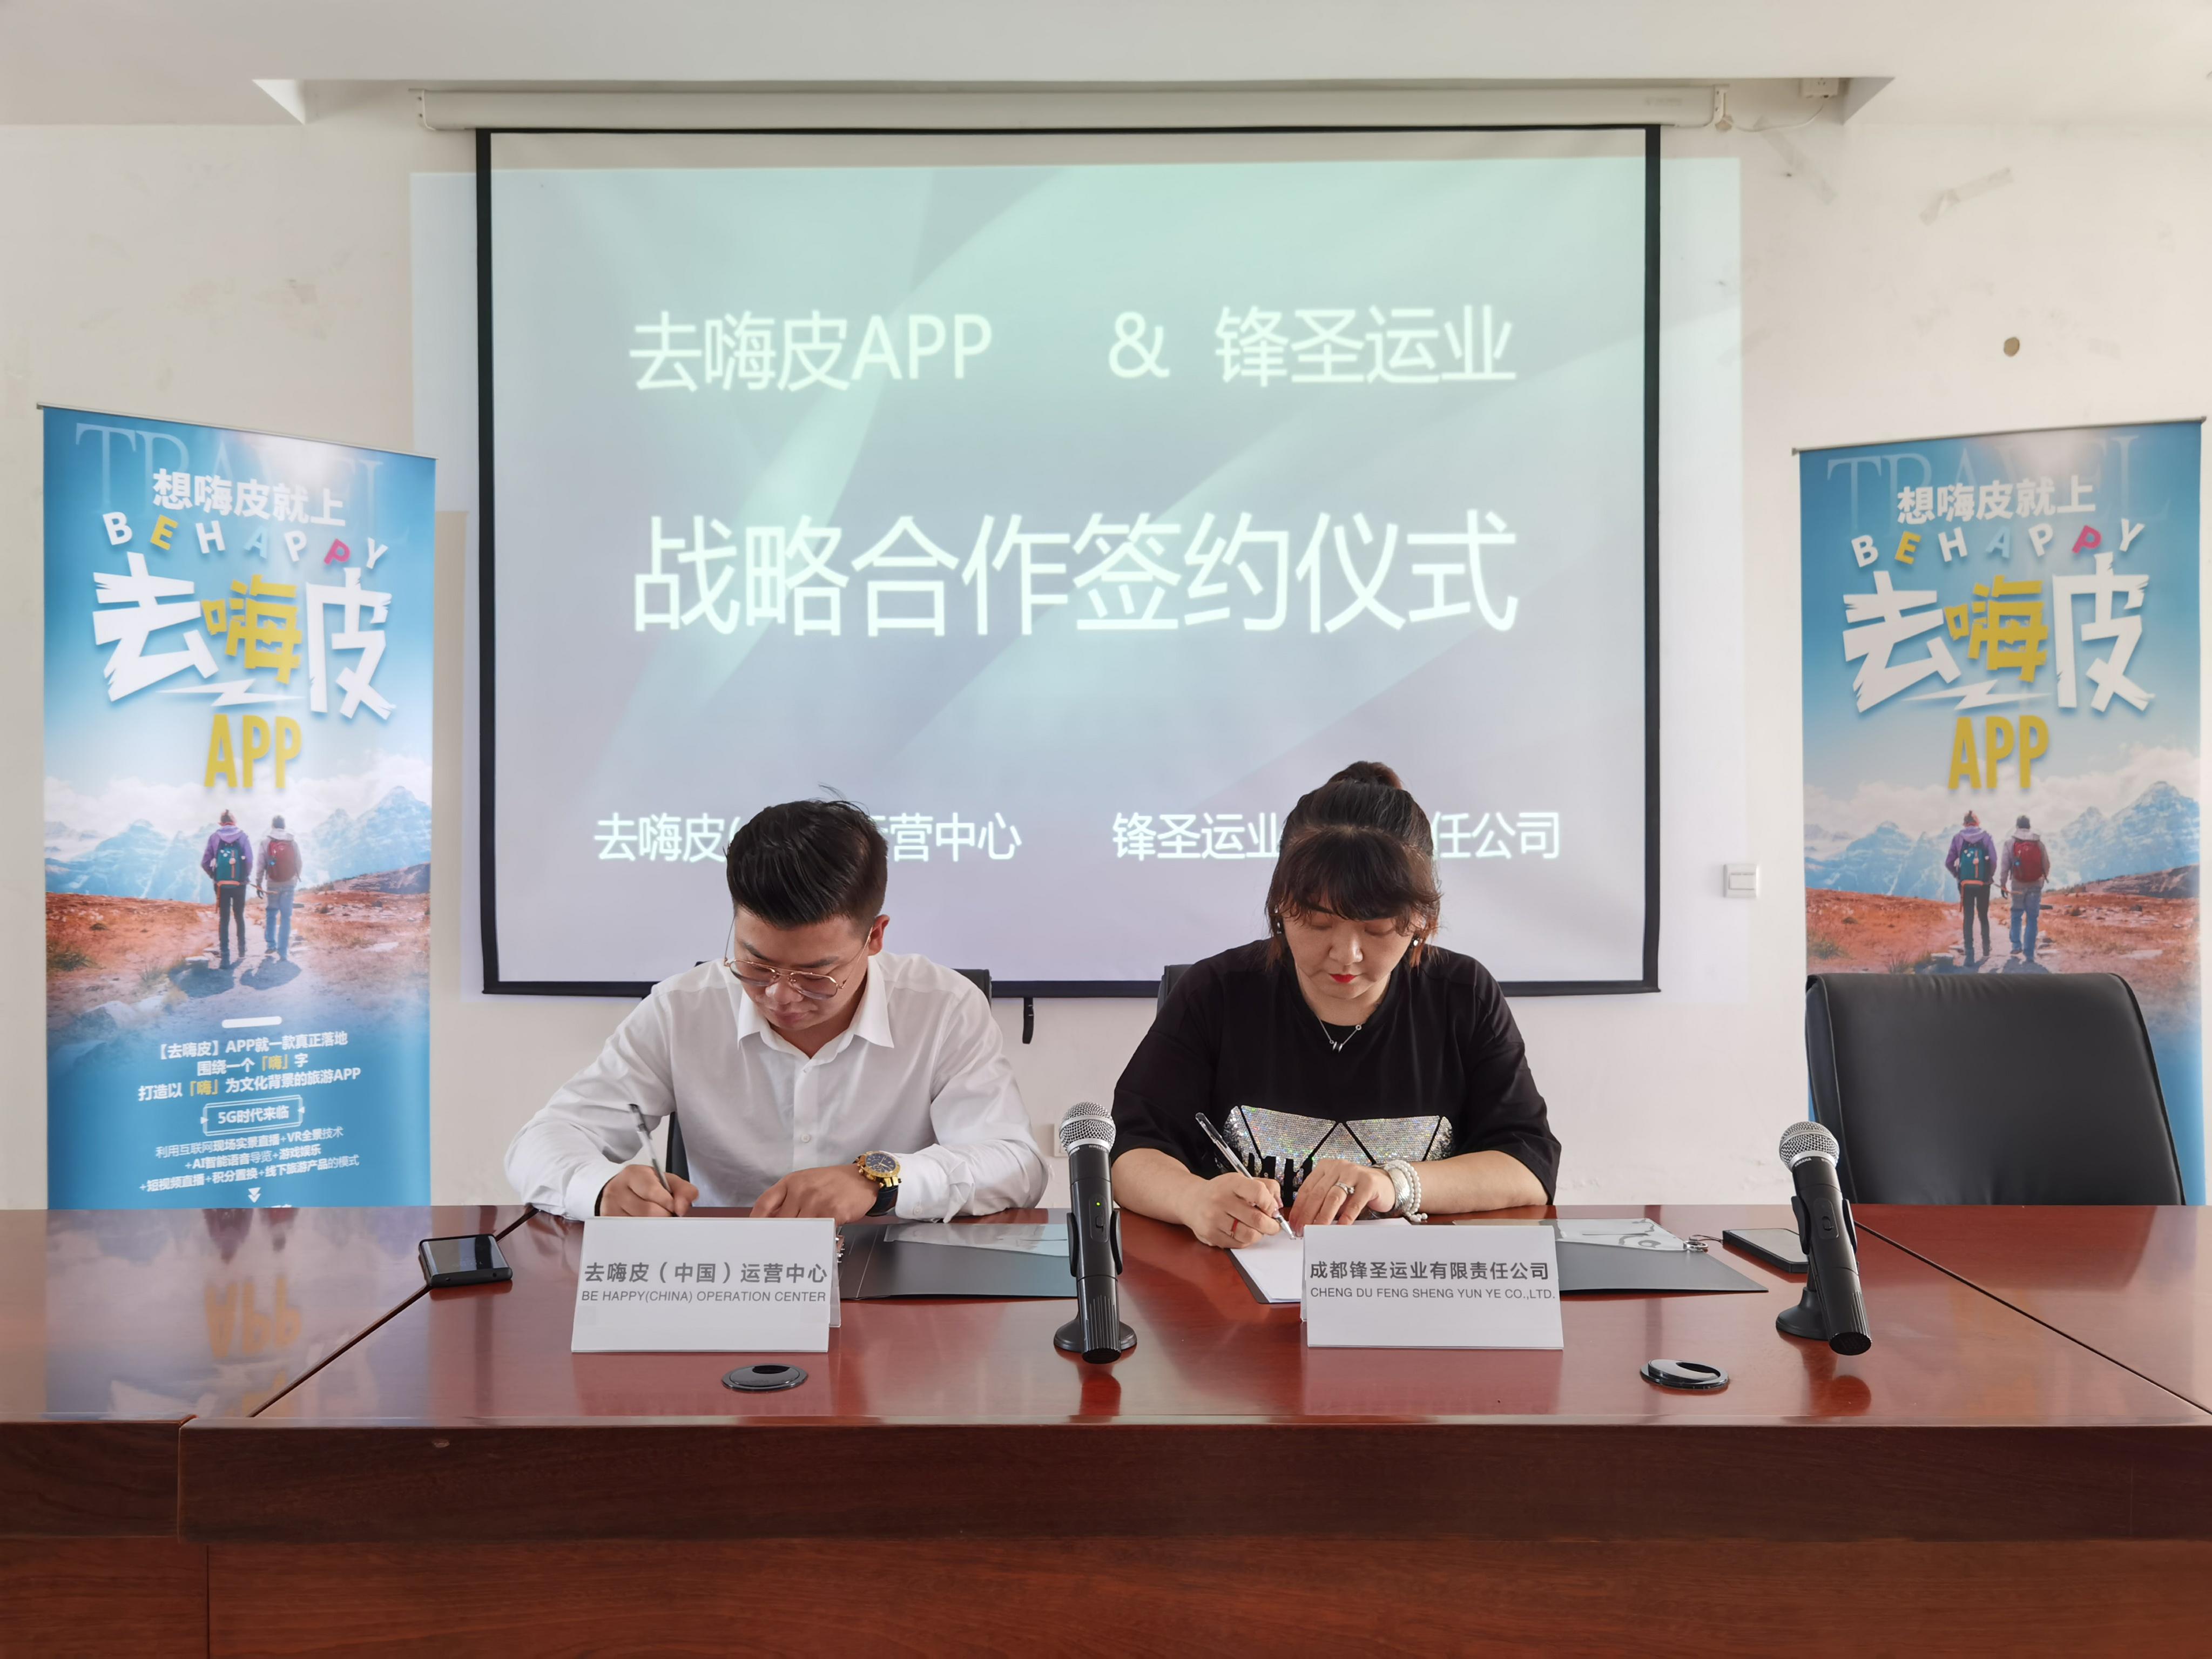 签约合作丨去嗨皮运营中心与锋圣运业正式签约战略合作-去嗨皮云旅游